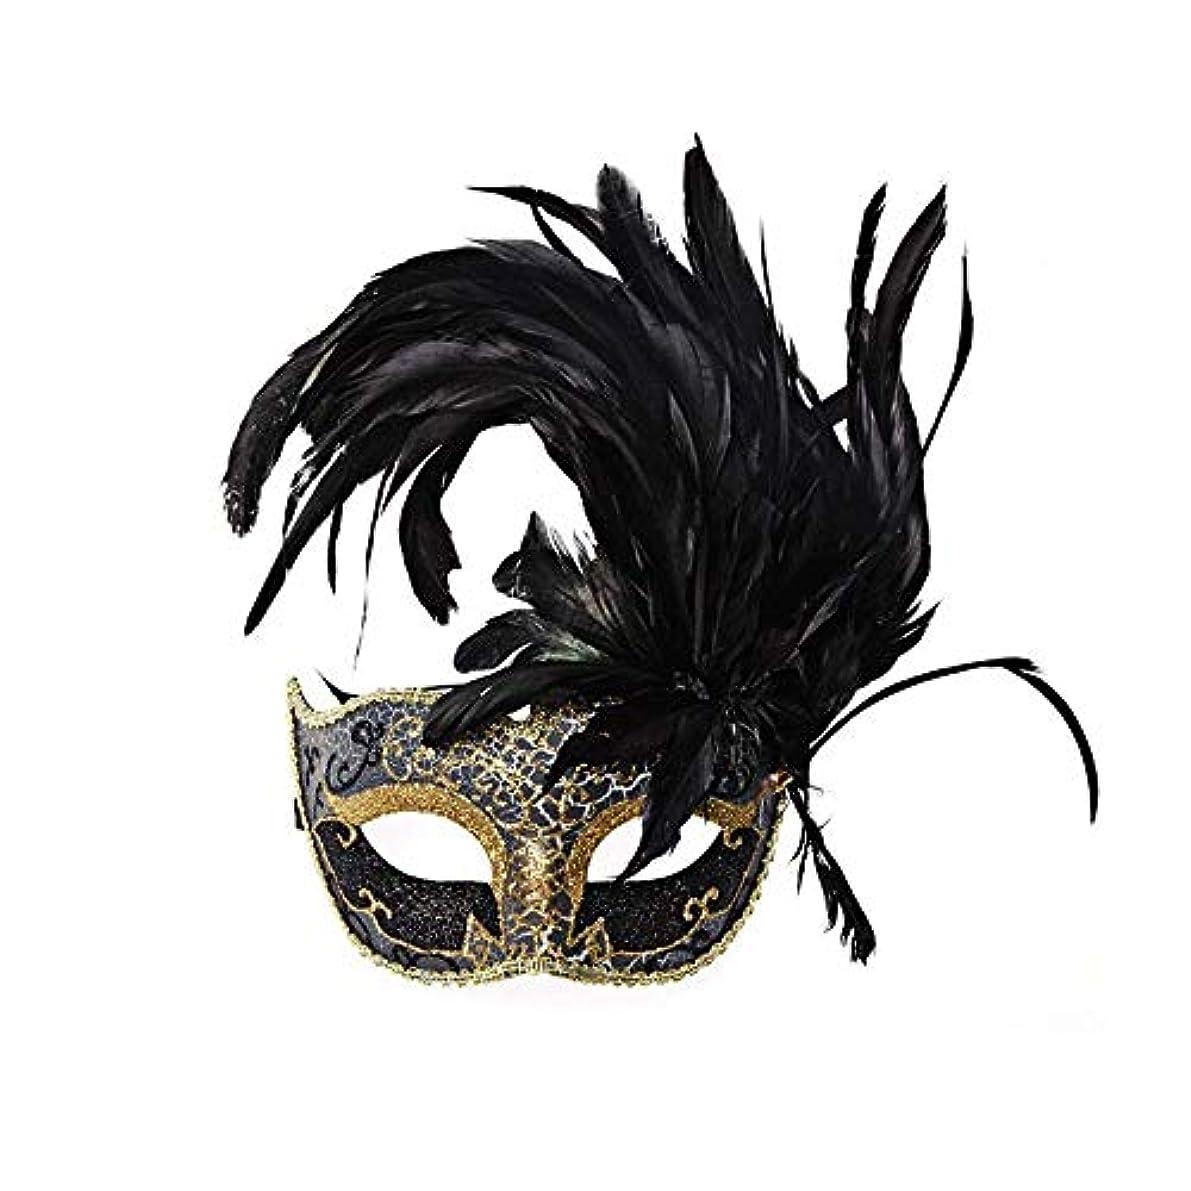 外交官より声を出してNanle ハロウィンマスクハーフフェザーマスクベニスプリンセスマスク美容レース仮面ライダーコスプレ (色 : Style A black)